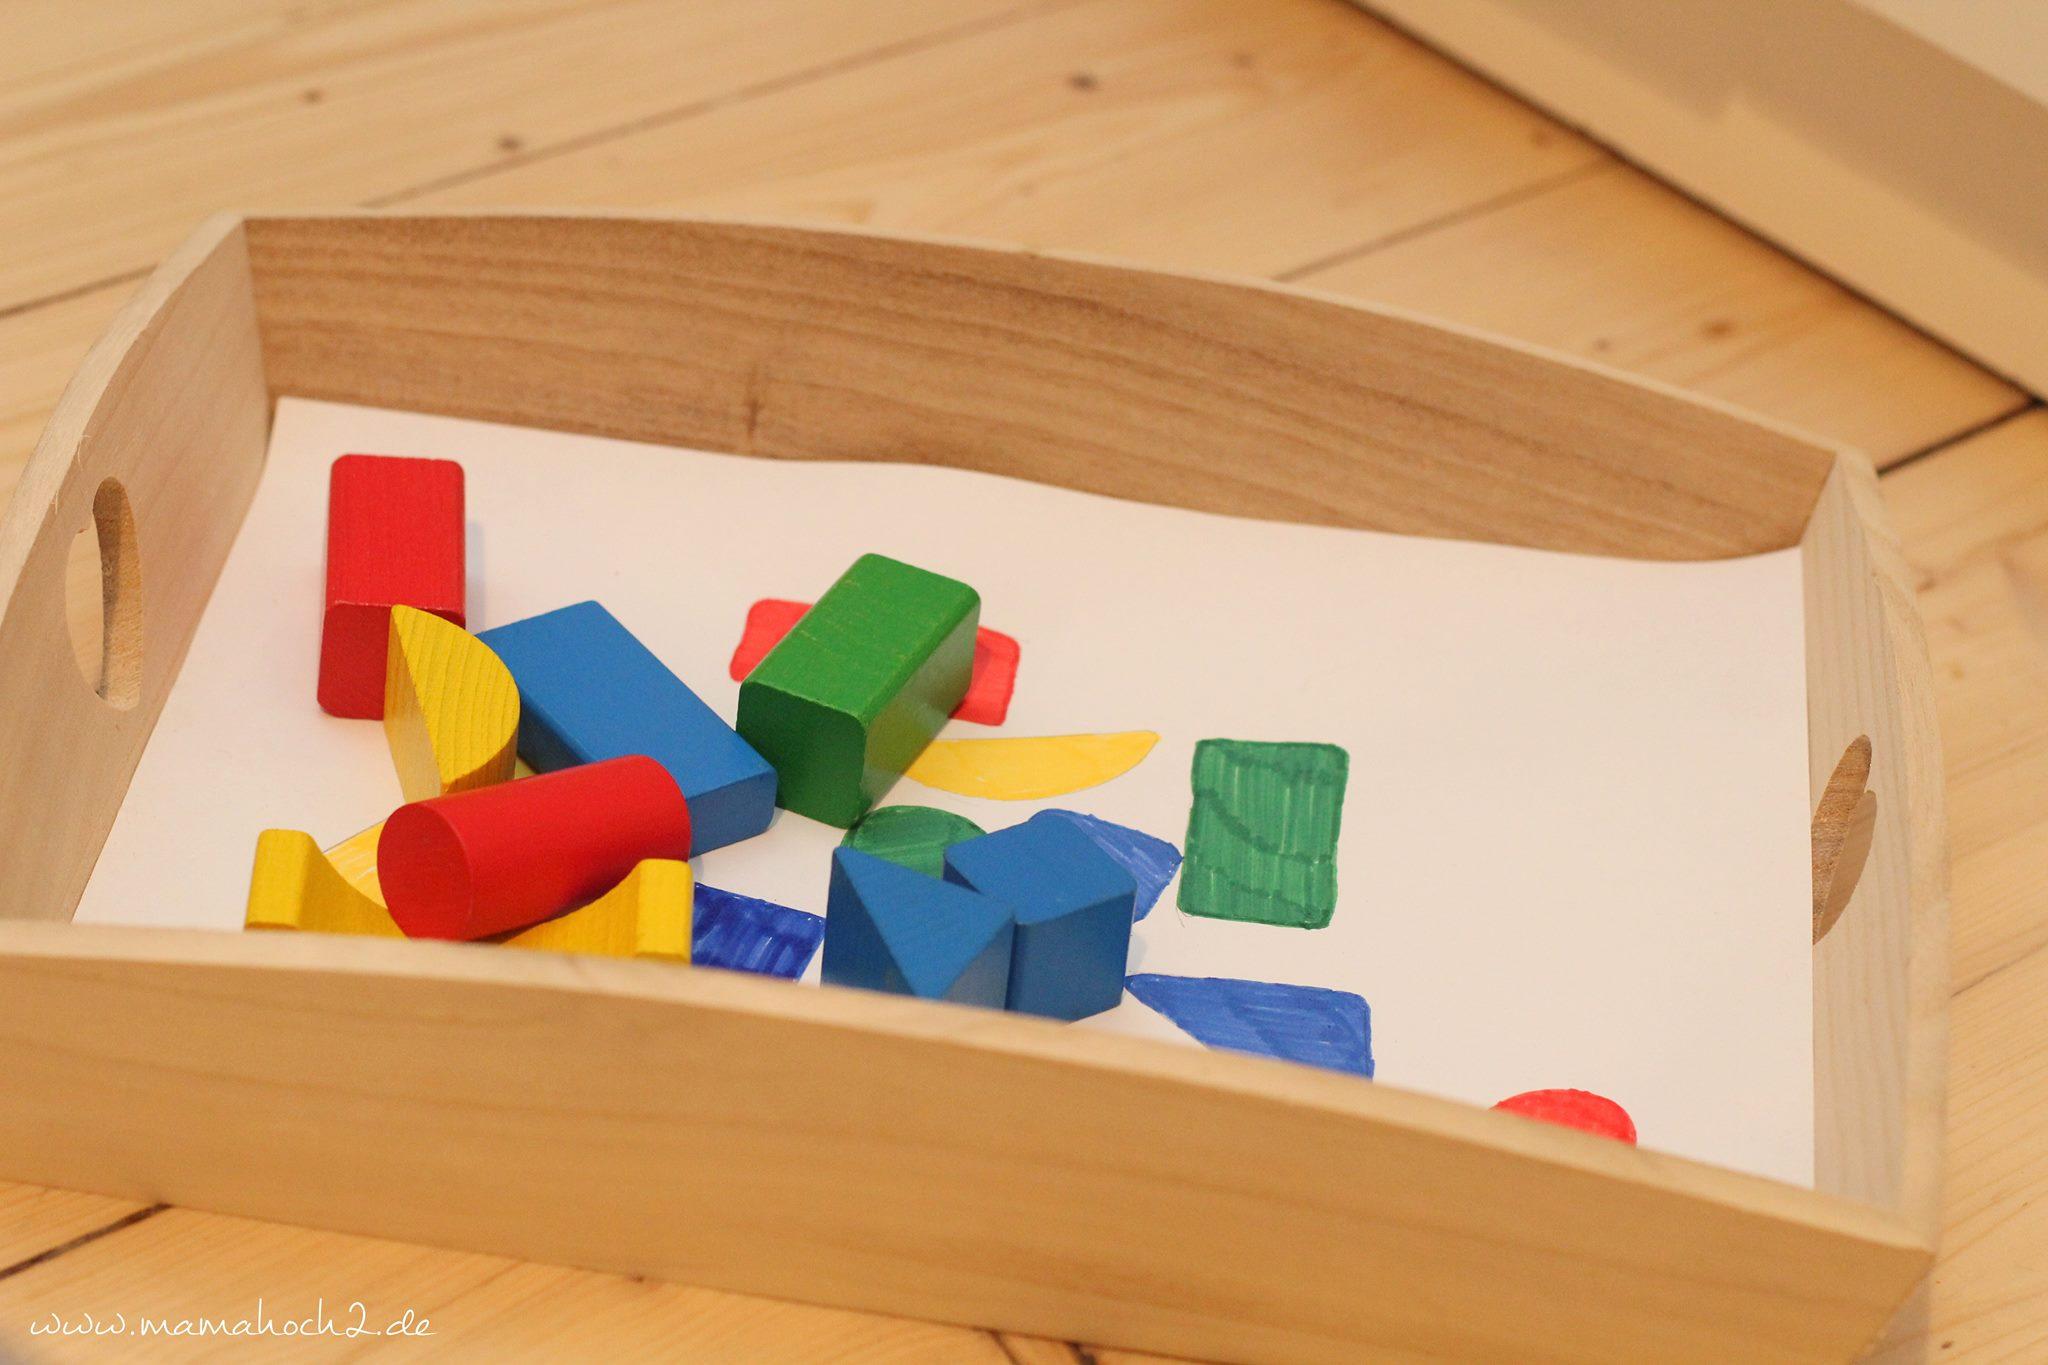 bausteine diy puzzle montessori spiel selbermachen (5) ⋆ mamahoch2